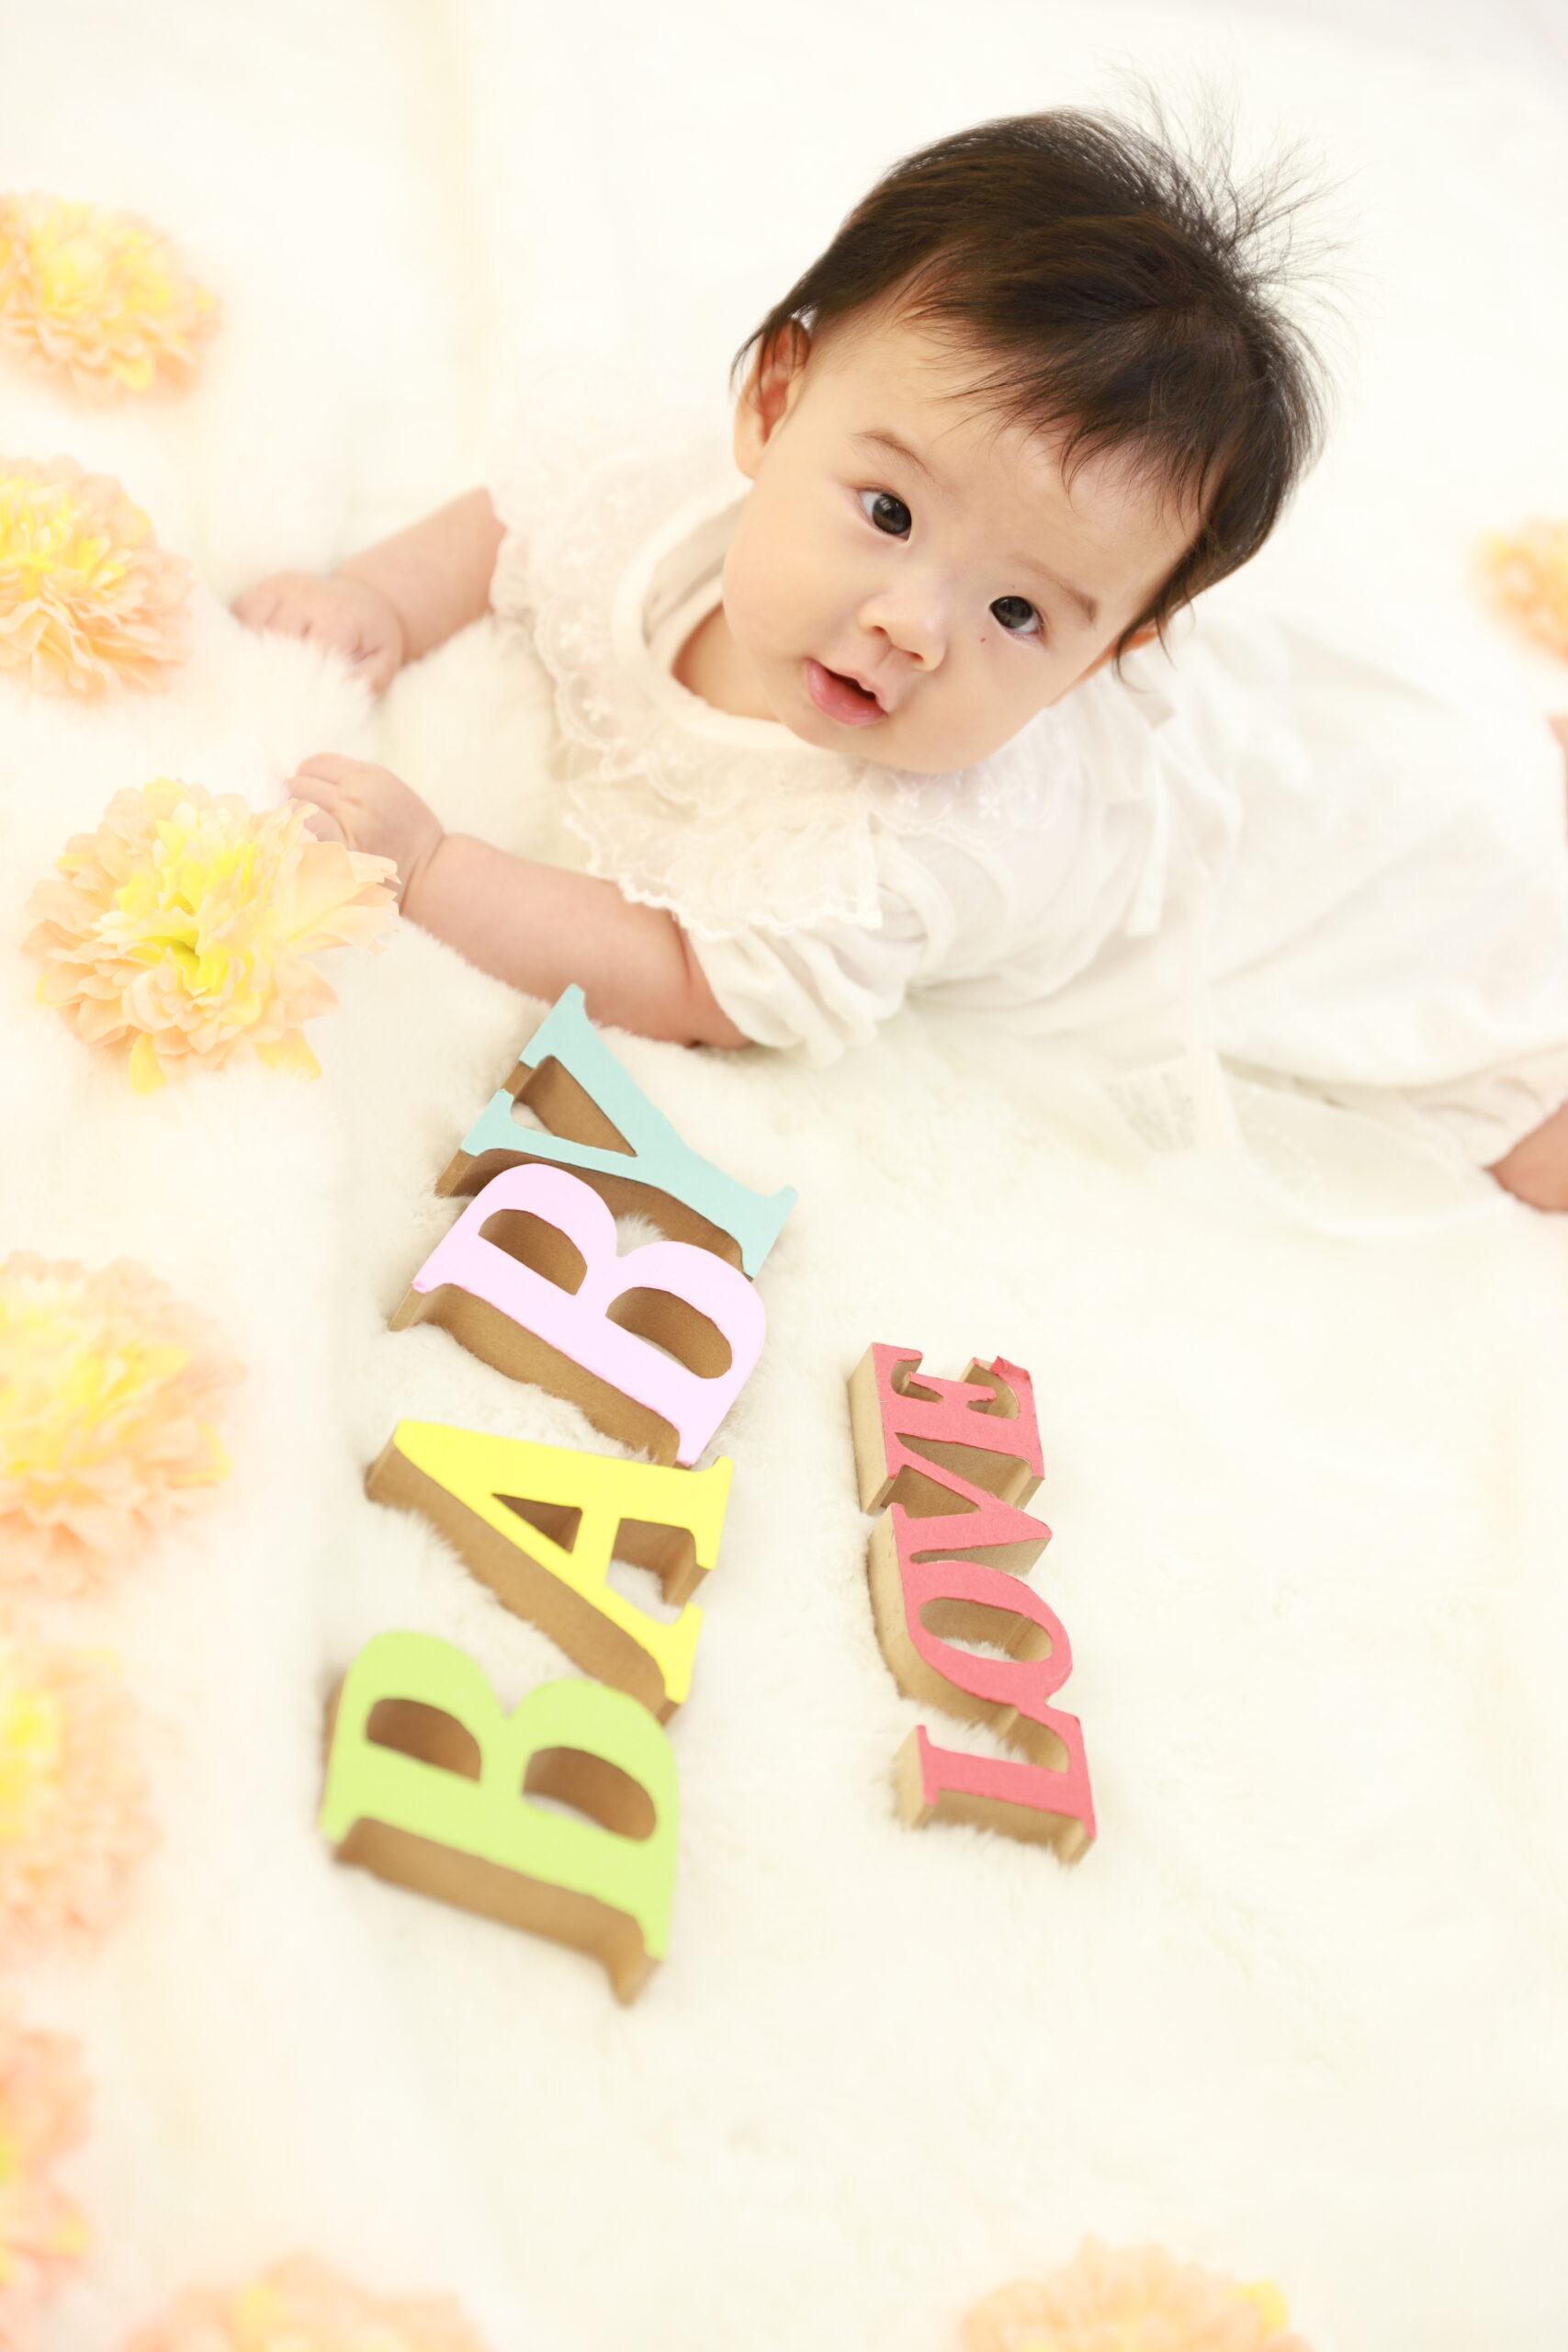 清水町の八幡神社で七五三!赤ちゃんの可愛い写真